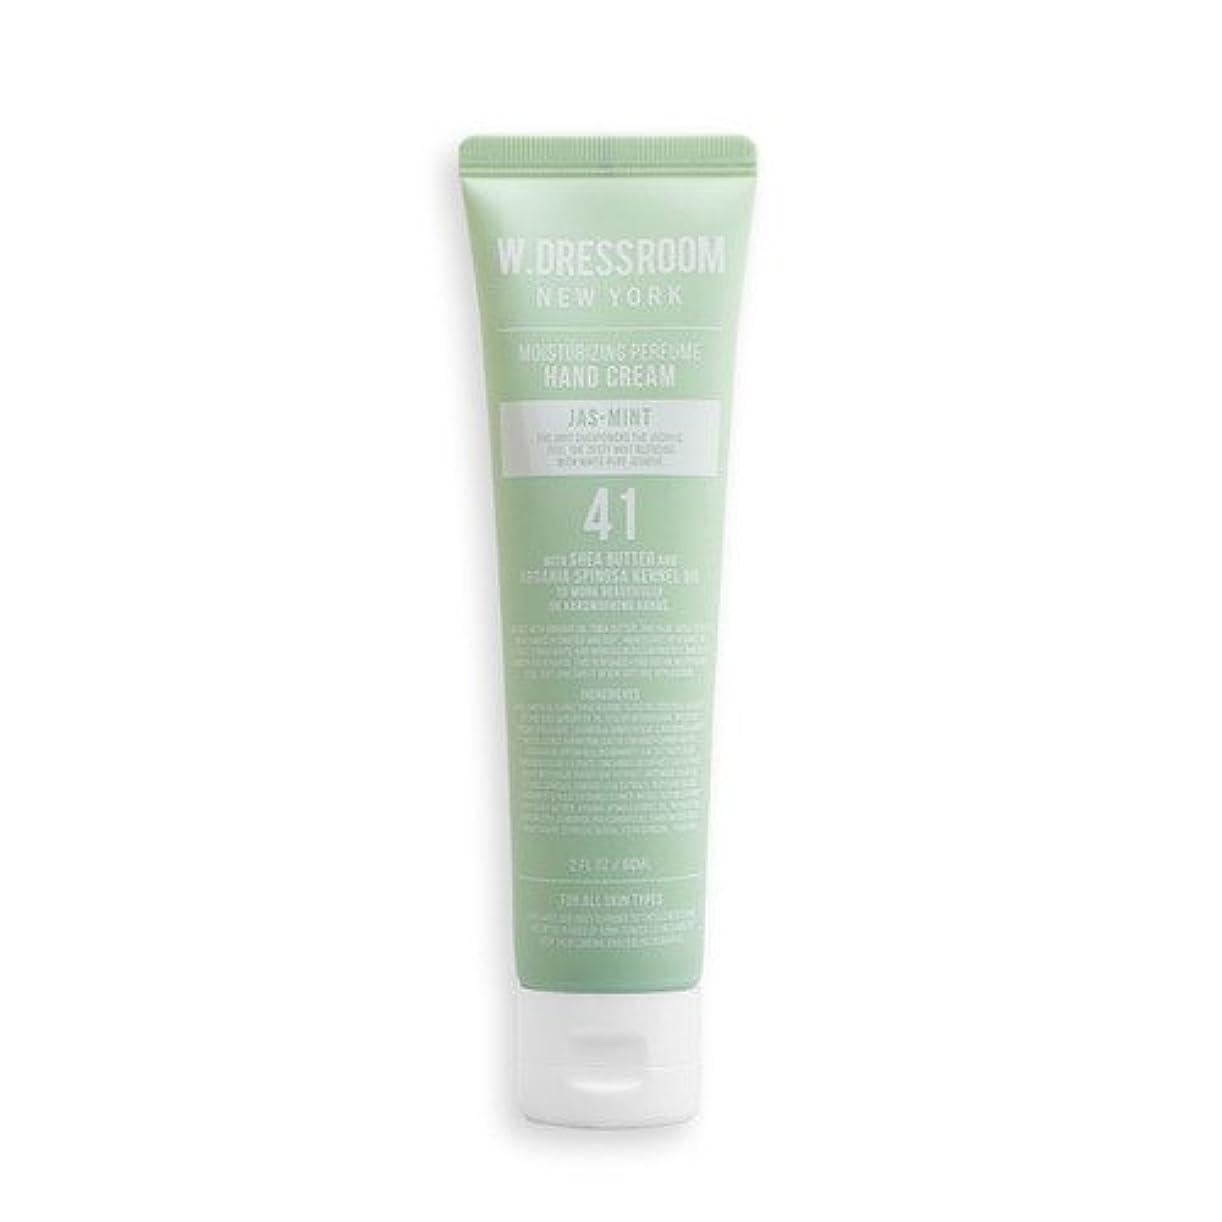 親愛な地上のライトニングW.DRESSROOM Moisturizing Perfume Hand Cream 60ml/ダブルドレスルーム モイスチャライジング パフューム ハンドクリーム 60ml (#No.41 Jas-Mint) [並行輸入品]